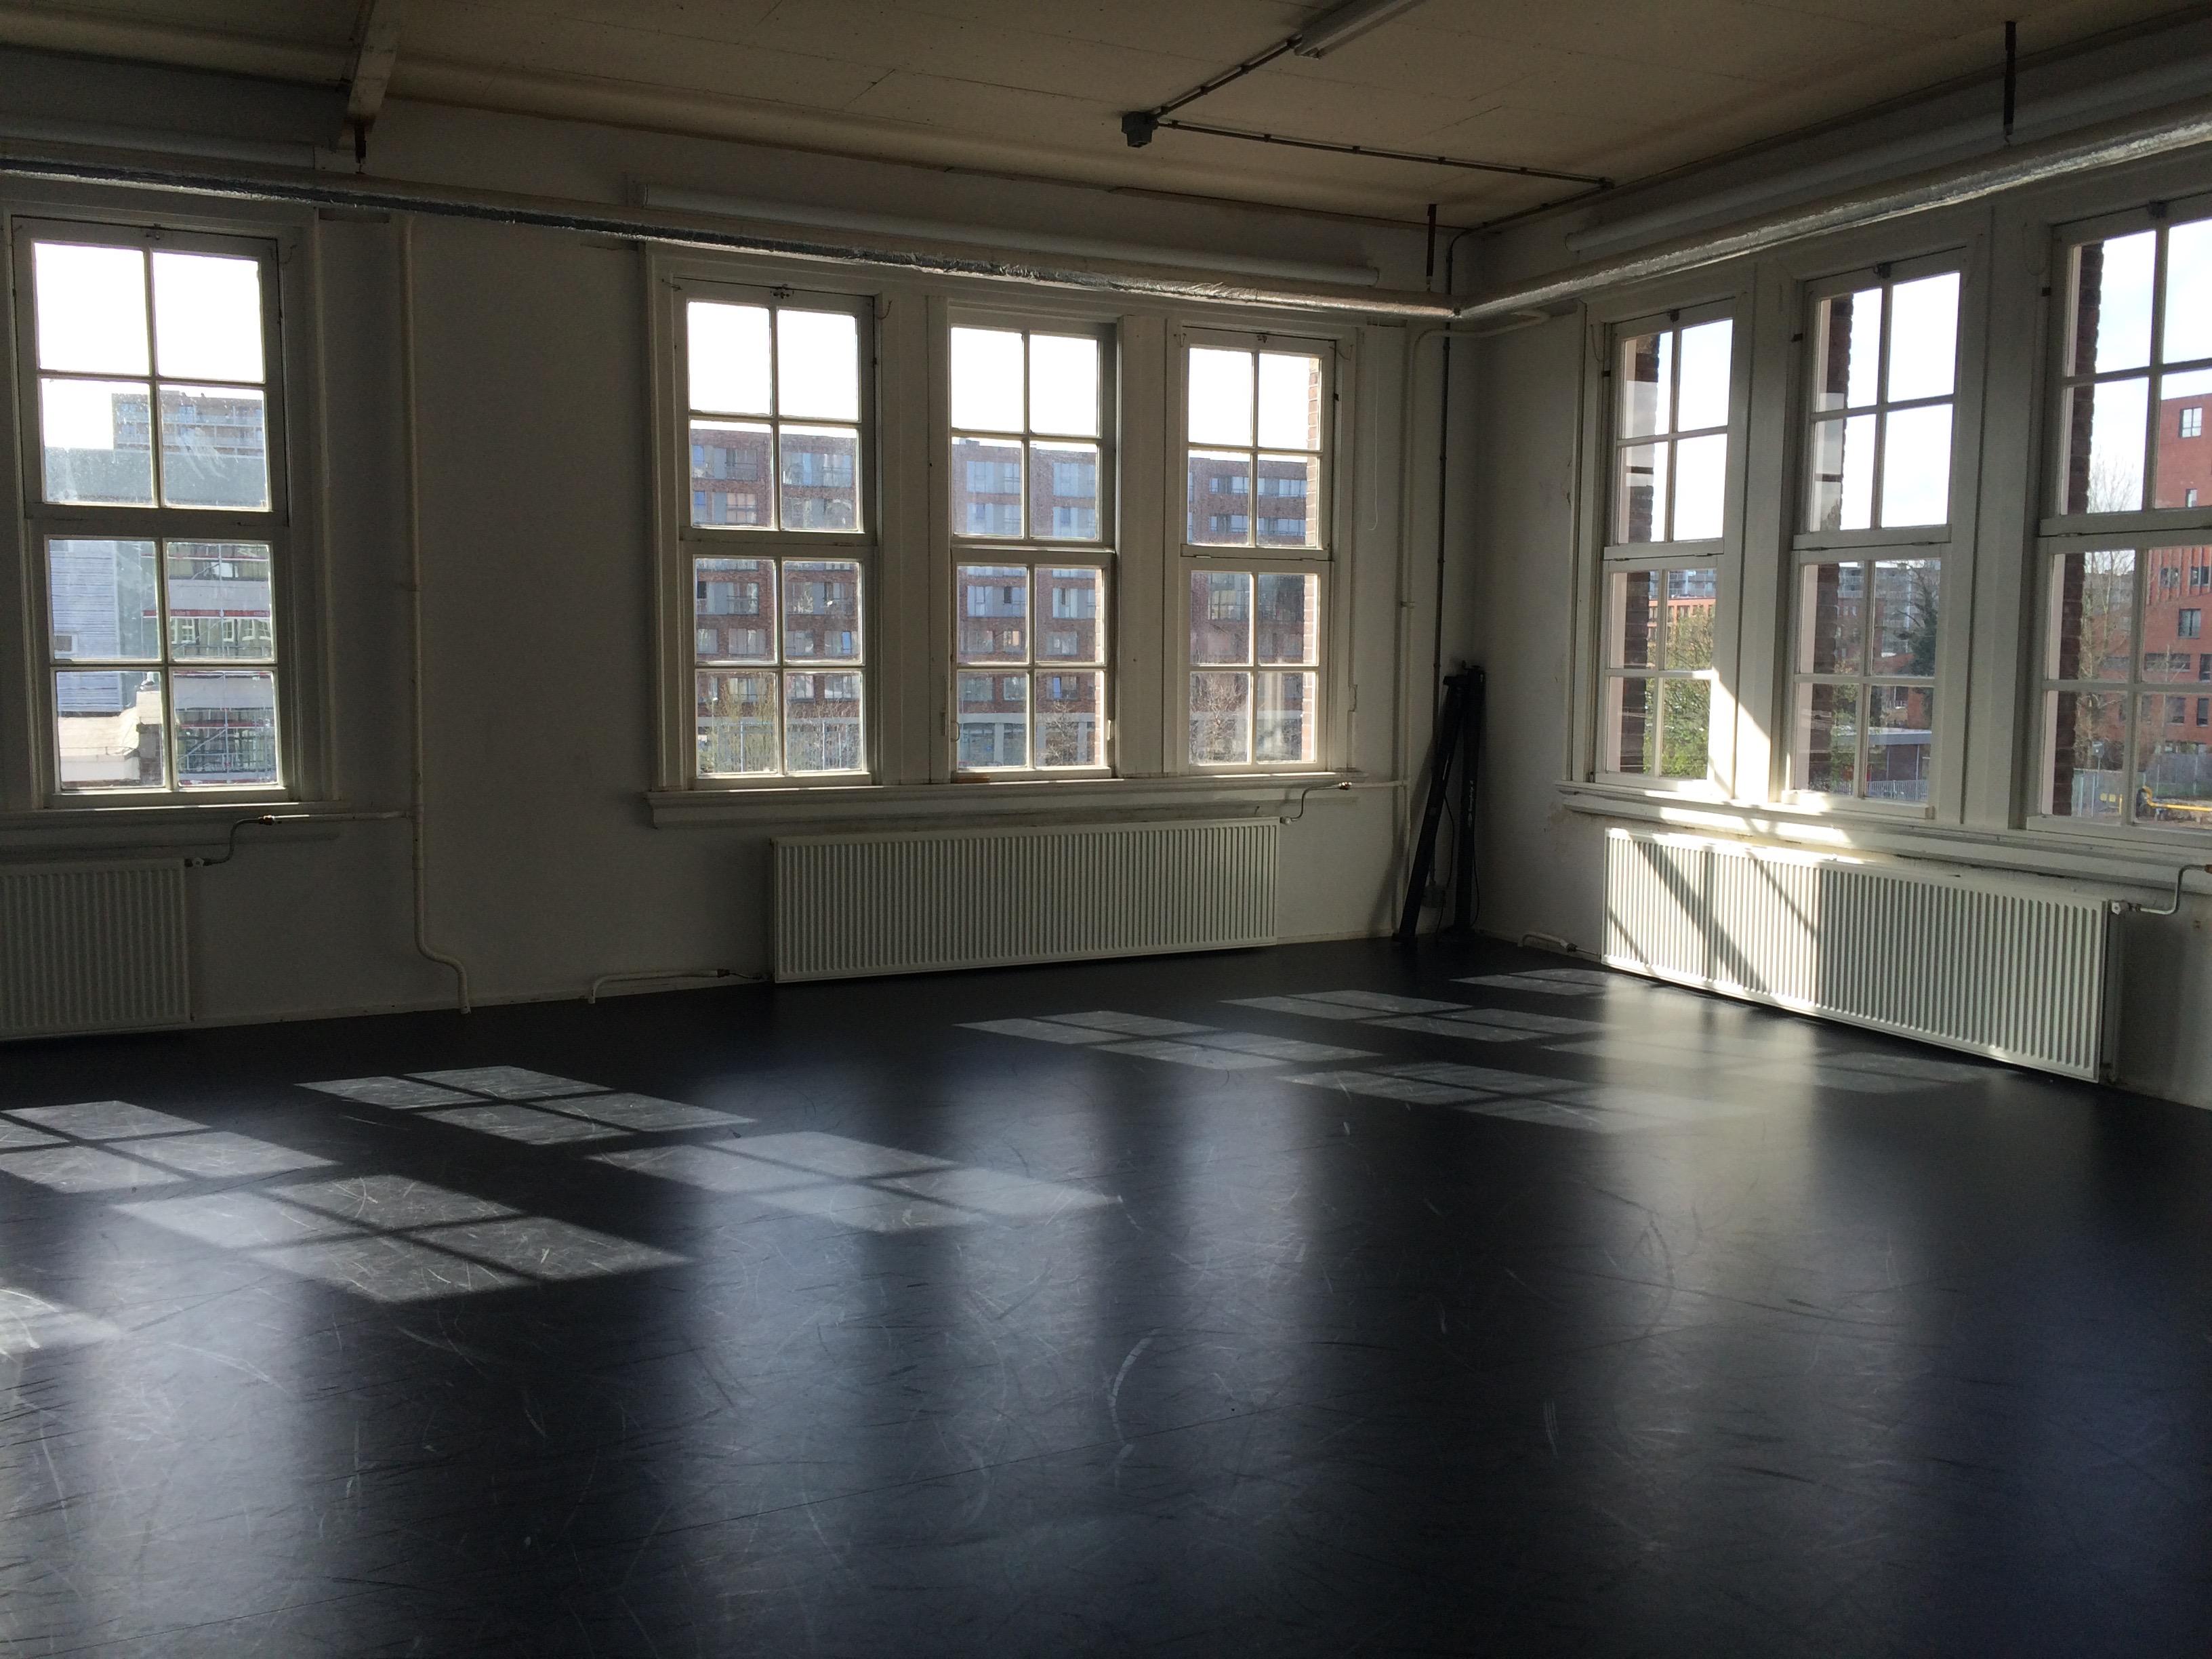 residency-dansmaker aafke de joing cloud danslab 2018-1